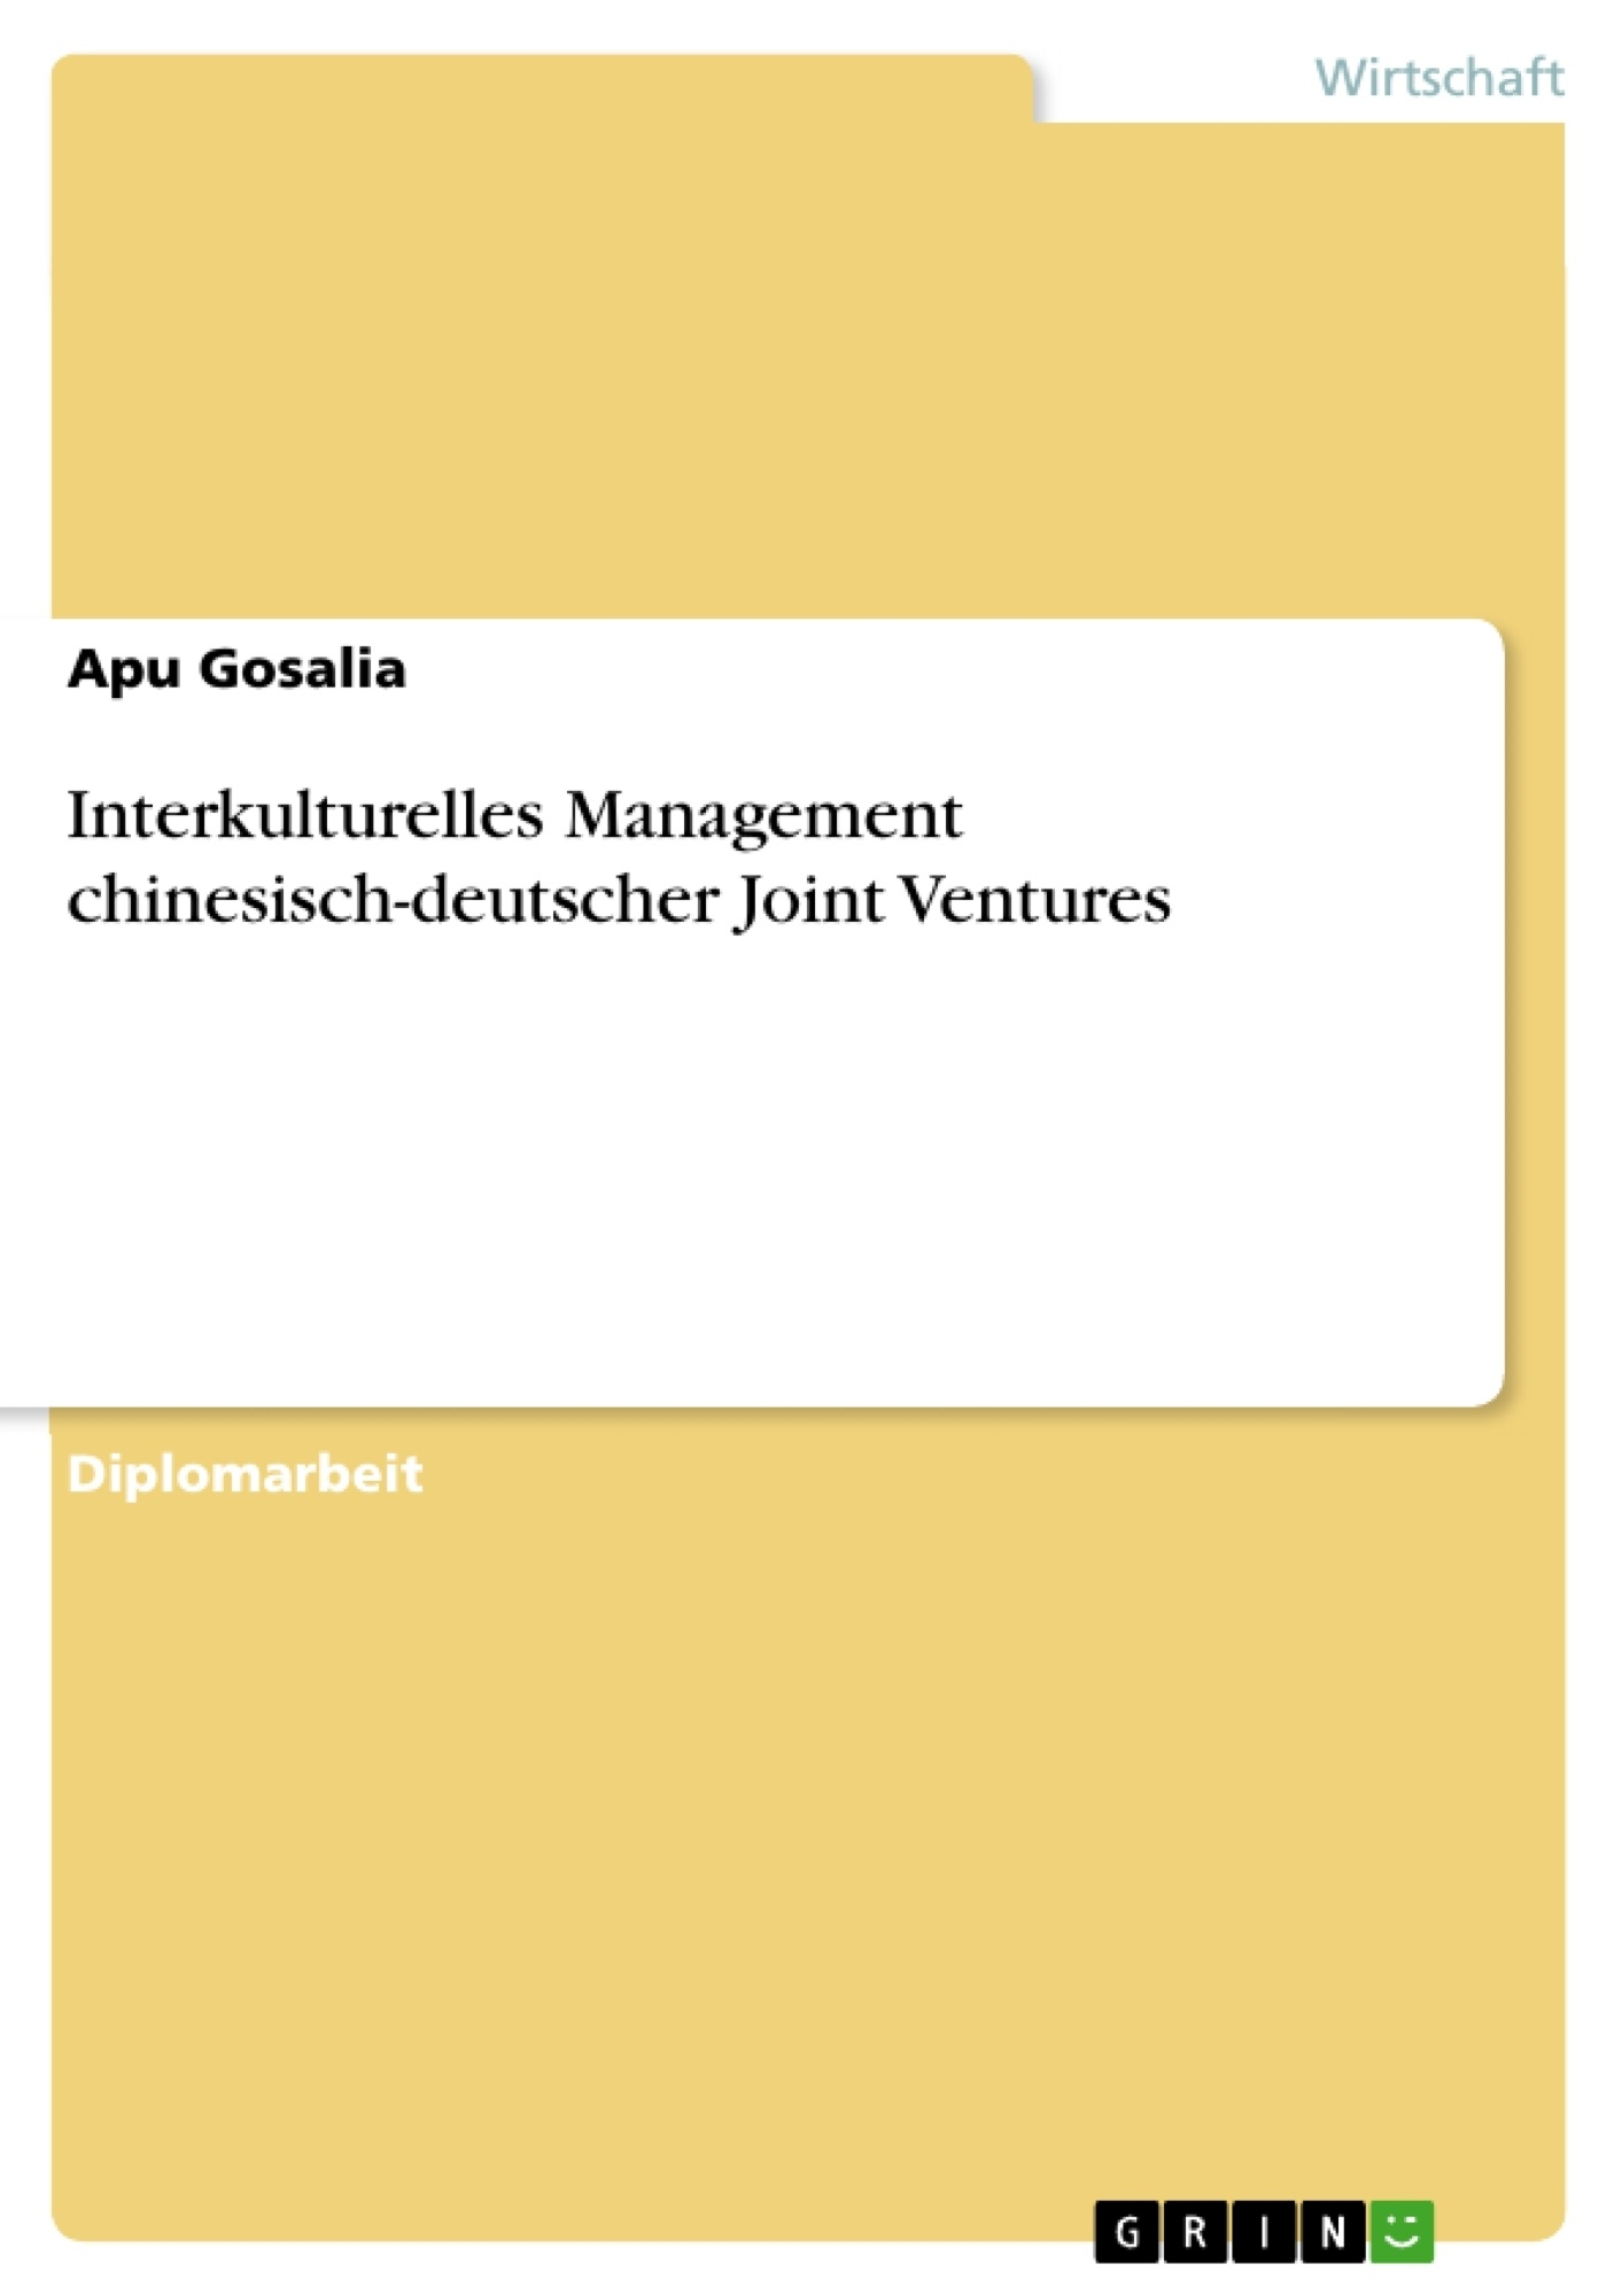 Titel: Interkulturelles Management chinesisch-deutscher Joint Ventures